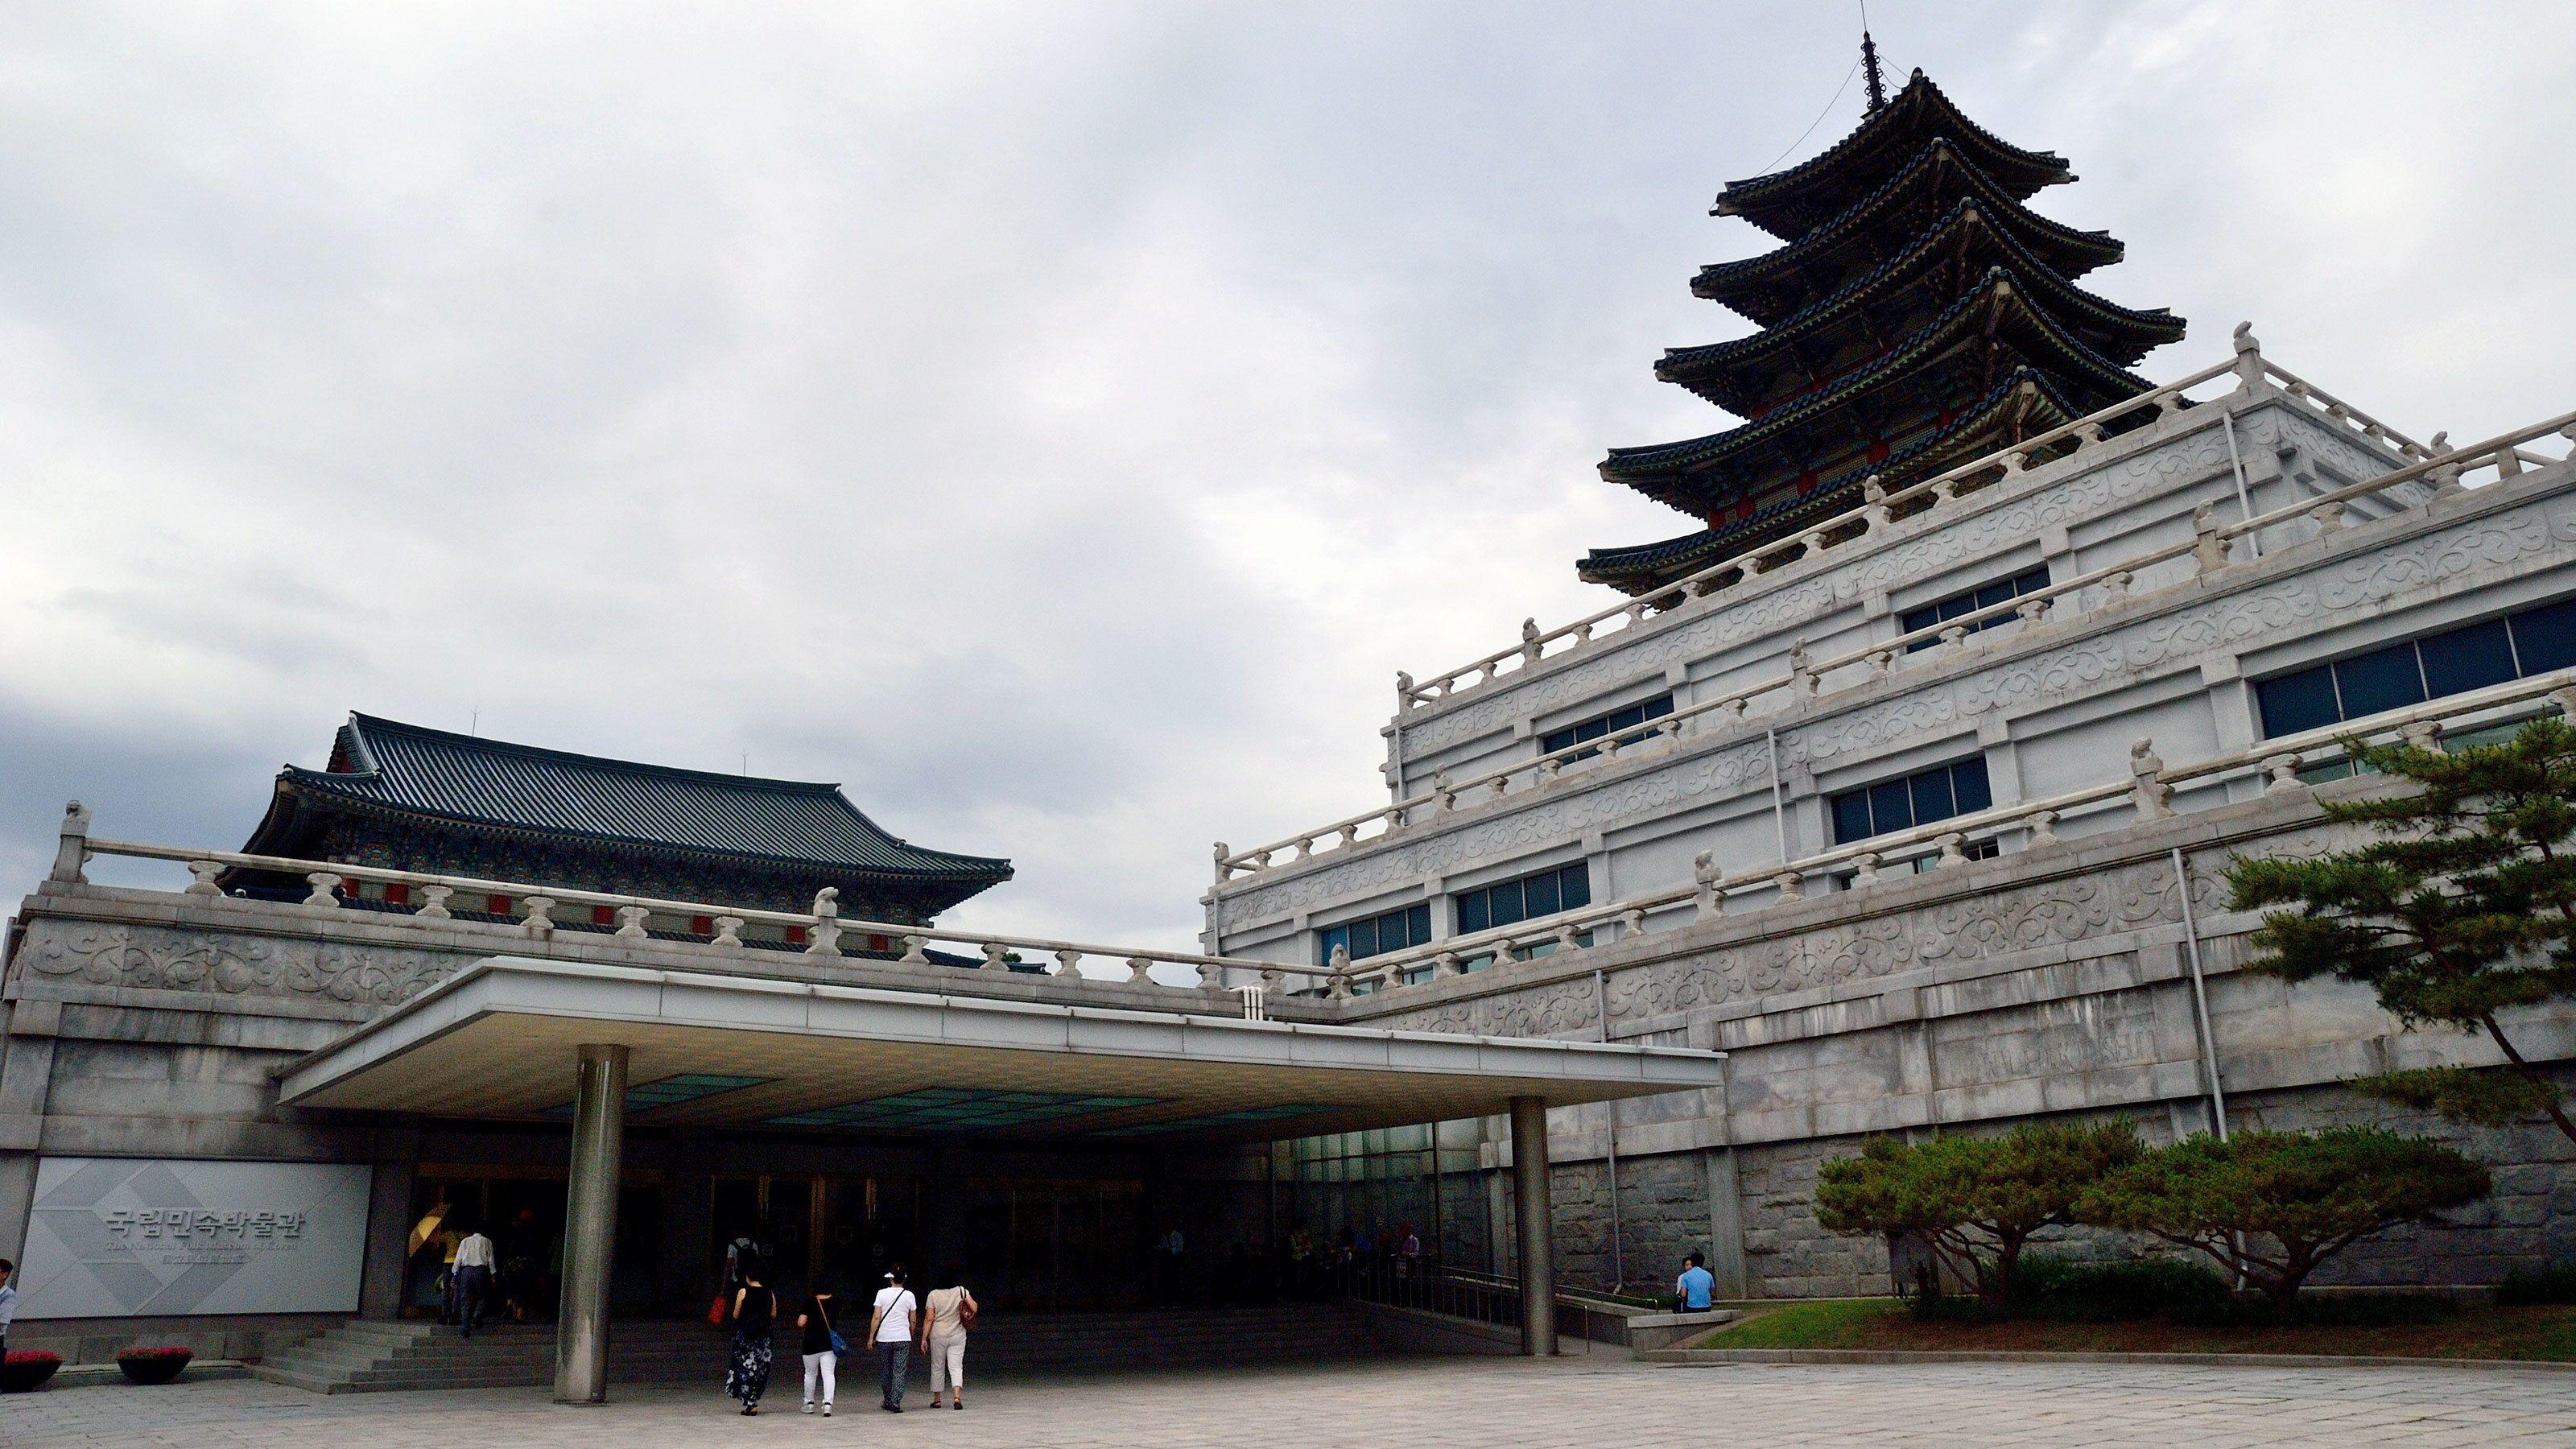 Aamukierros kansallismuseossa ja Cheonggyecheonissa